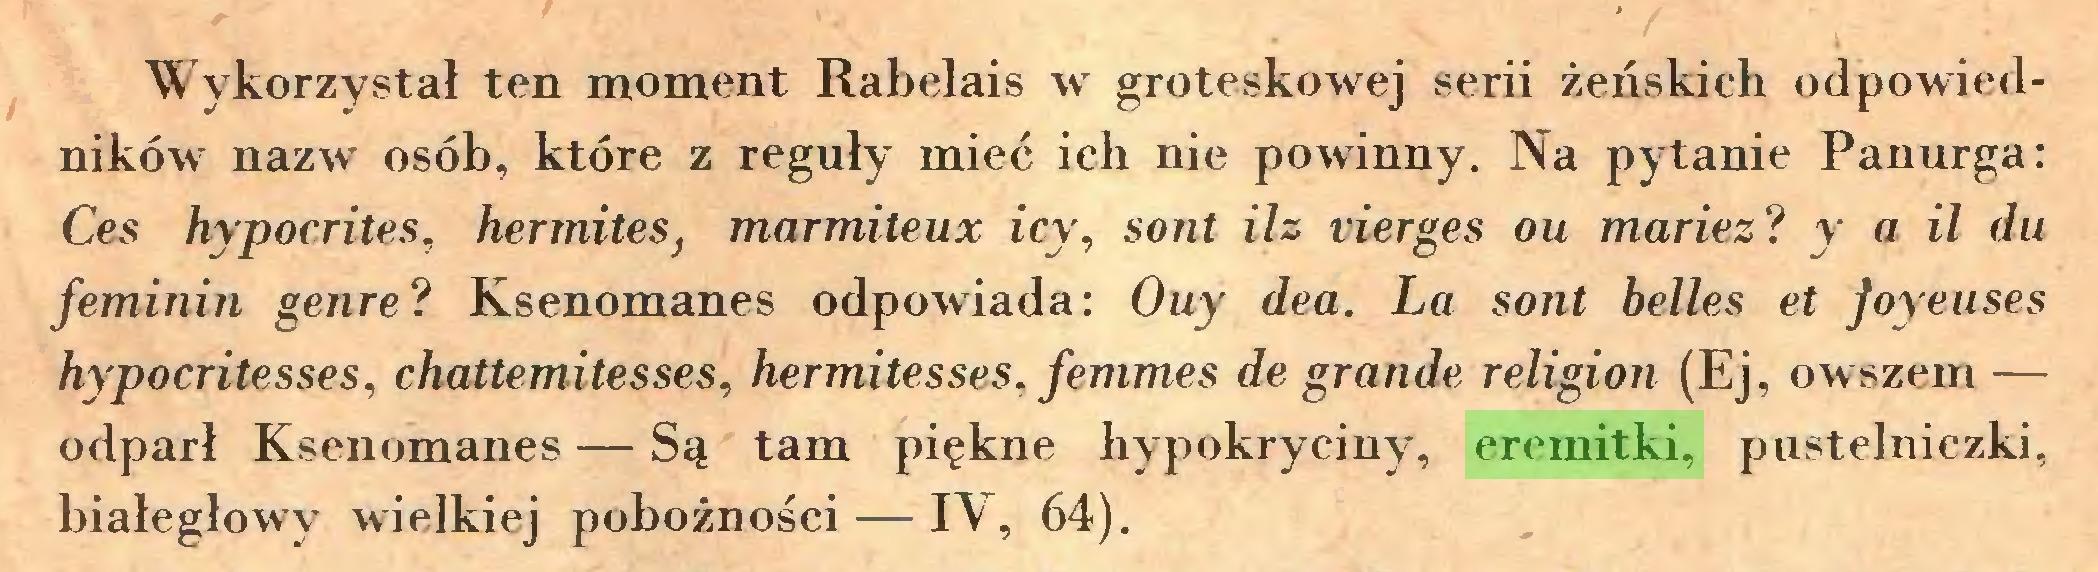 (...) Wykorzystał ten moment Rabelais w groteskowej serii żeńskich odpowiedników nazw osób, które z reguły mieć ich nie powinny. Na pytanie Panurga: Ces hypocrites, hermites} marmiteux icy, sont ilz vierges ou mariez? y a il du féminin genre? Ksenomanes odpowiada: Ouy dea. La sont belles et Joyeuses hypocritesses, chattemitesses, hermitesses, femmes de grande religion (Ej, owszem — odparł Ksenomanes — Są tam piękne hypokryciny, eremitki, pustelniczki, białegłowy wielkiej pobożności — IV, 64)...